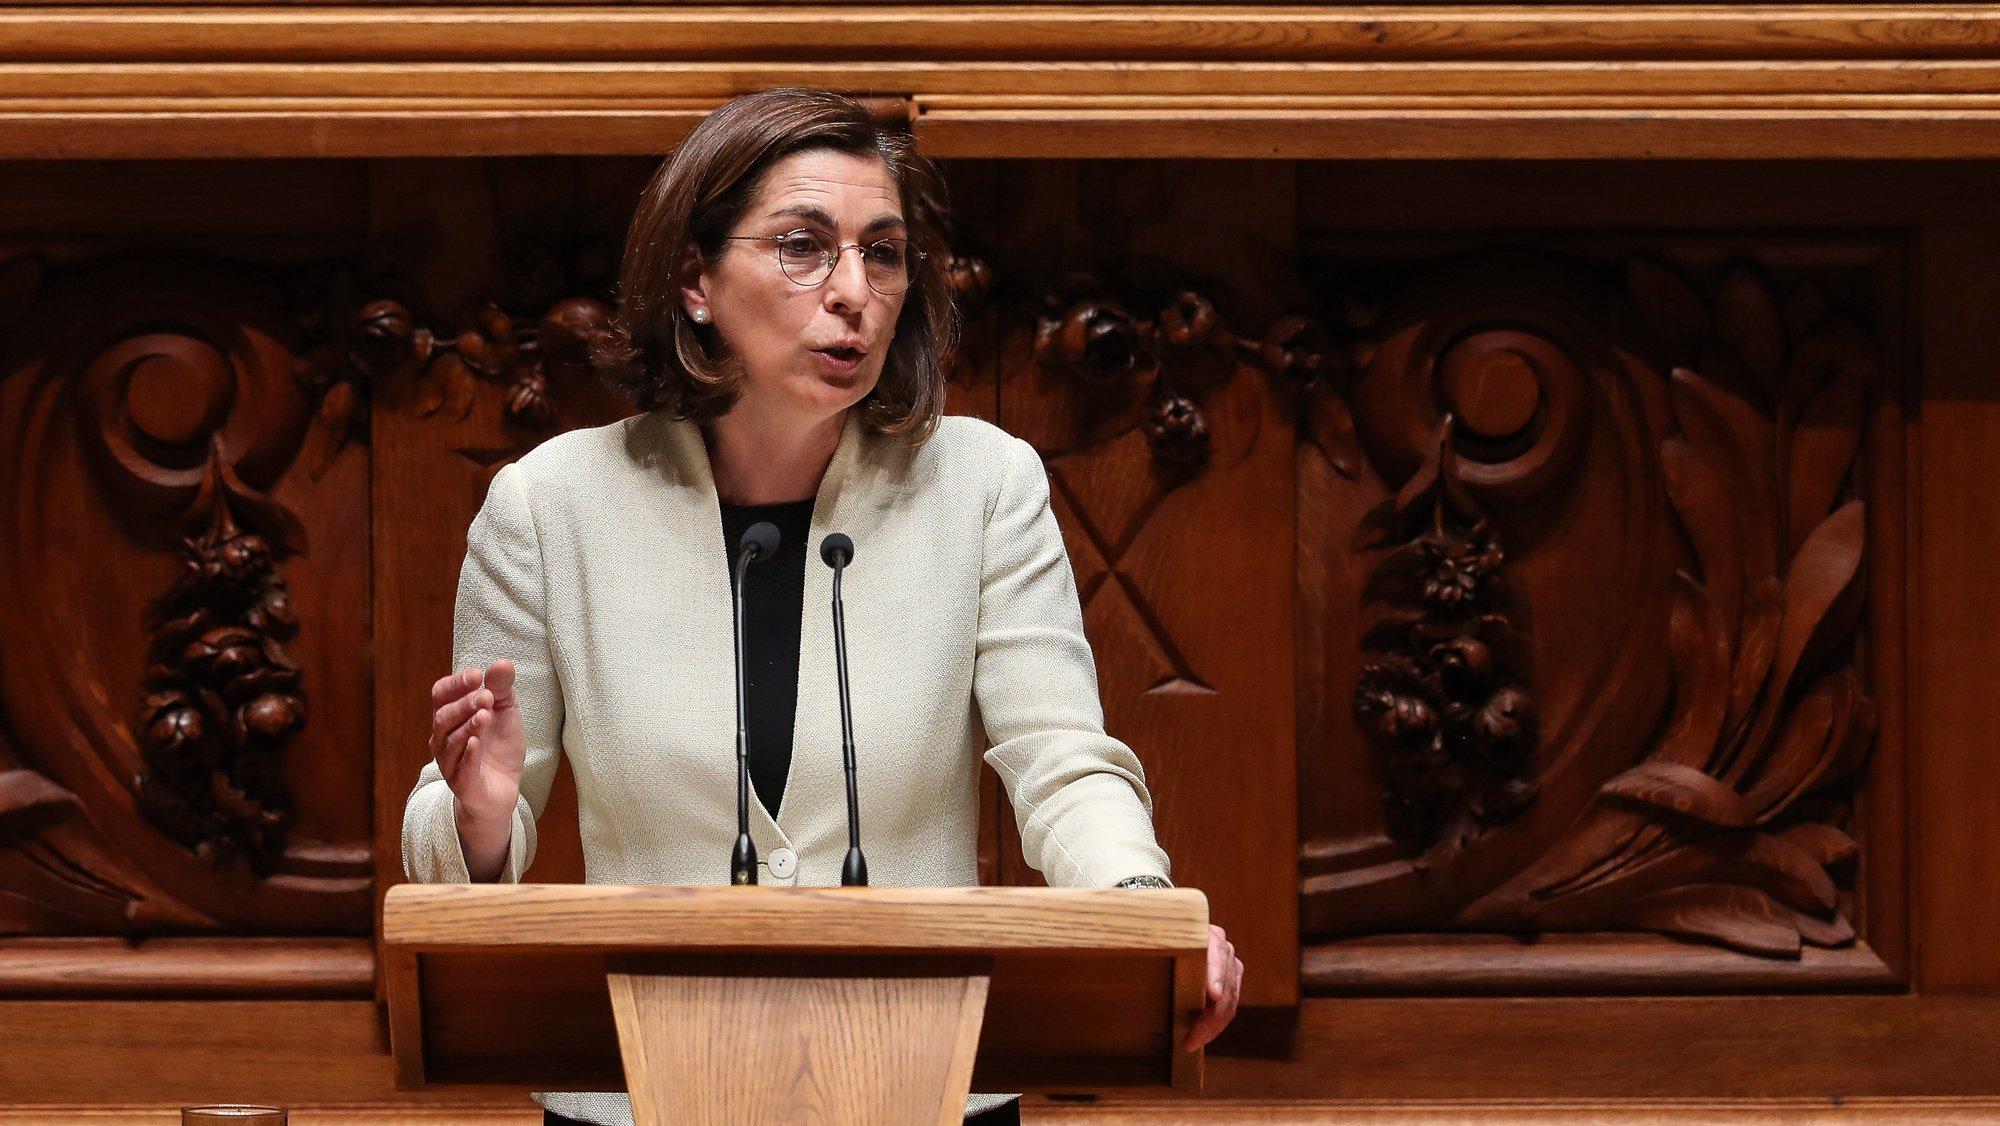 A líder parlamentar do PS, Ana Catarina Mendes, intervém durante o debate parlamentar que tem como tema principal o teletrabalho, na Assembleia da República, em Lisboa, 5 de maio de 2021. MÁRIO CRUZ/LUSA